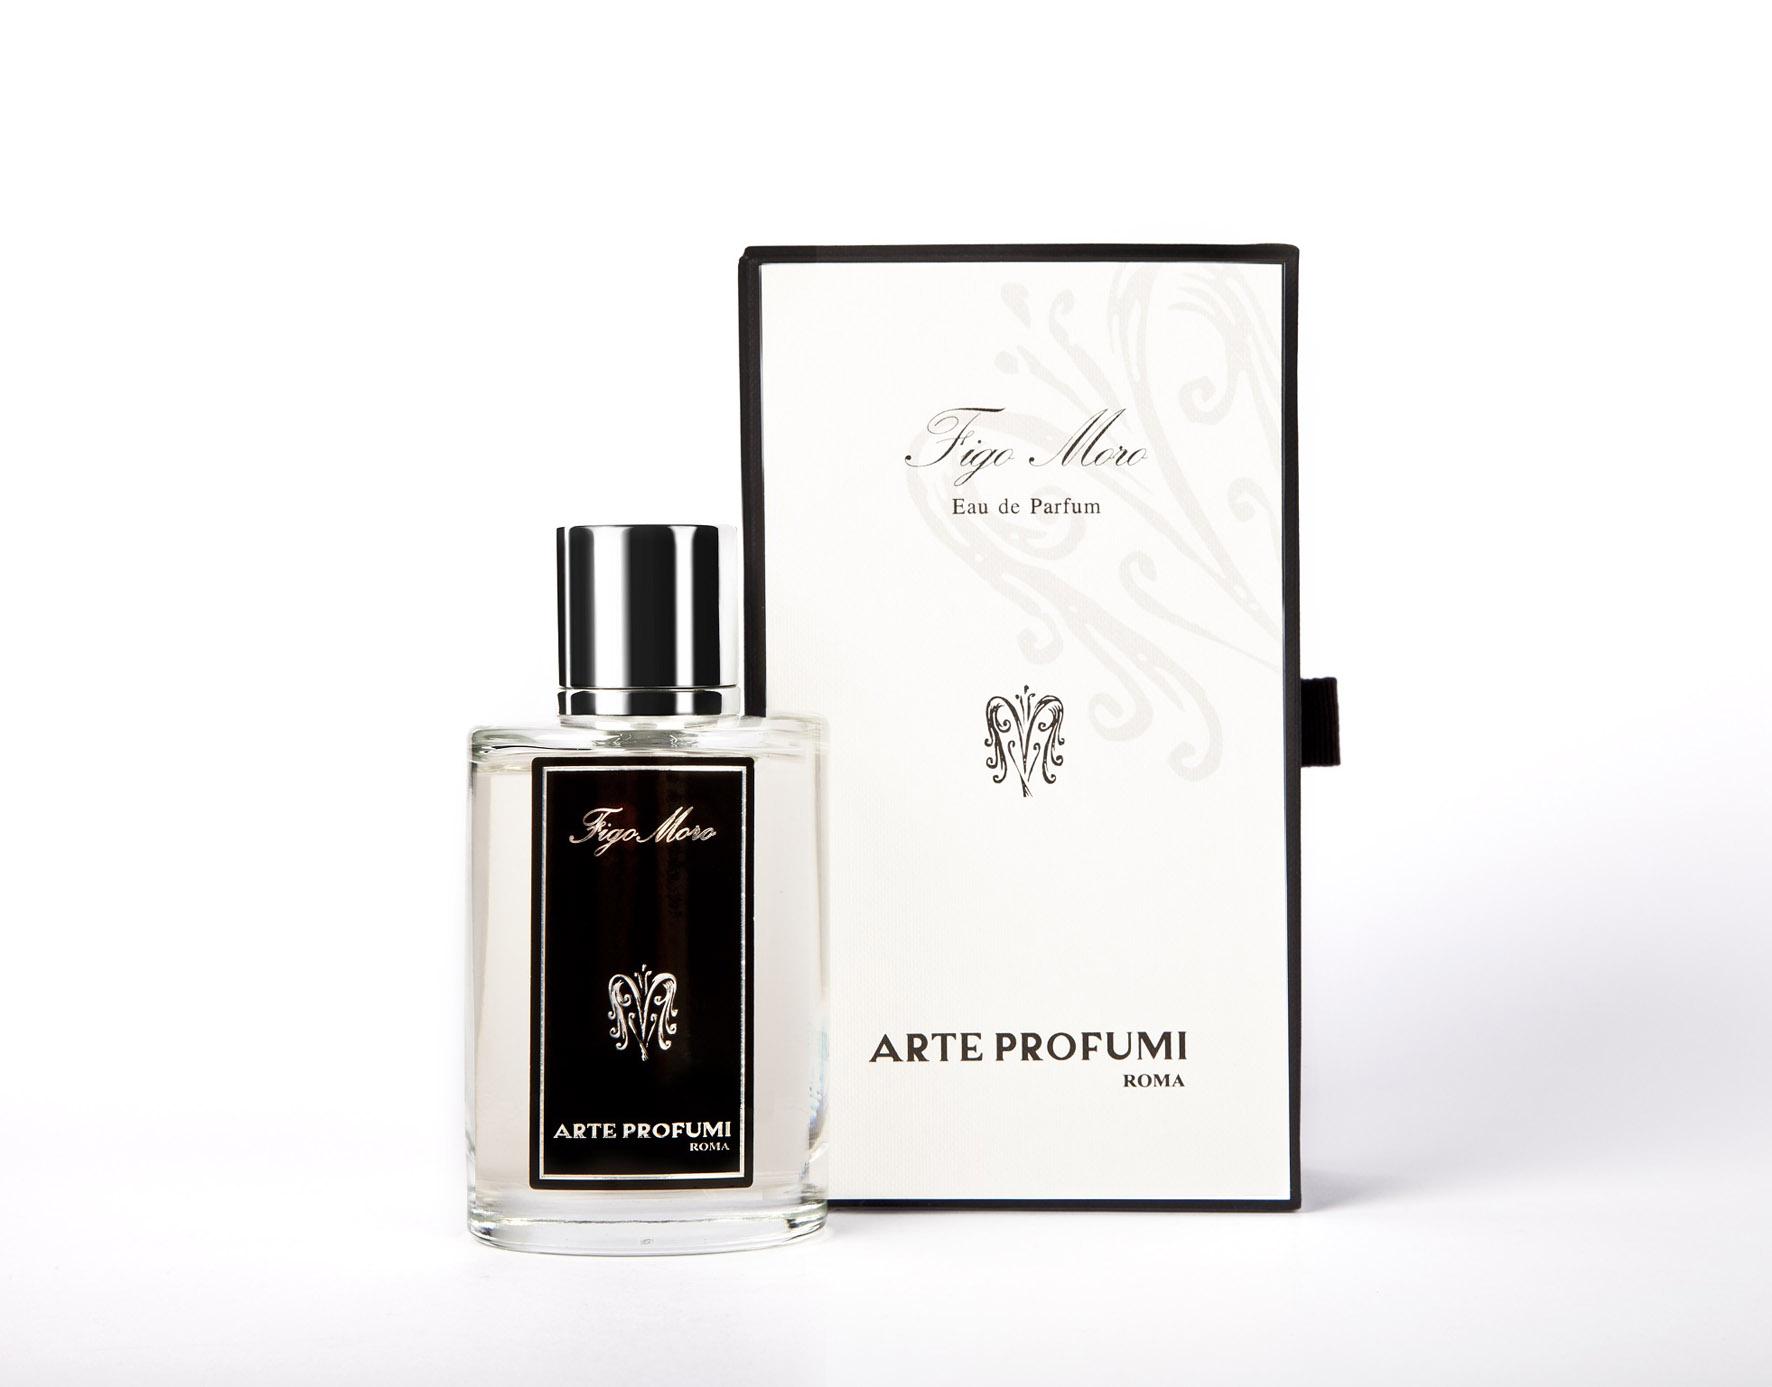 4-Arte-Profumi-Figo-Moro-Collezione-Artissima-Profumi-di-autore-italiani-Distributore-Dispar-SpA.jpg